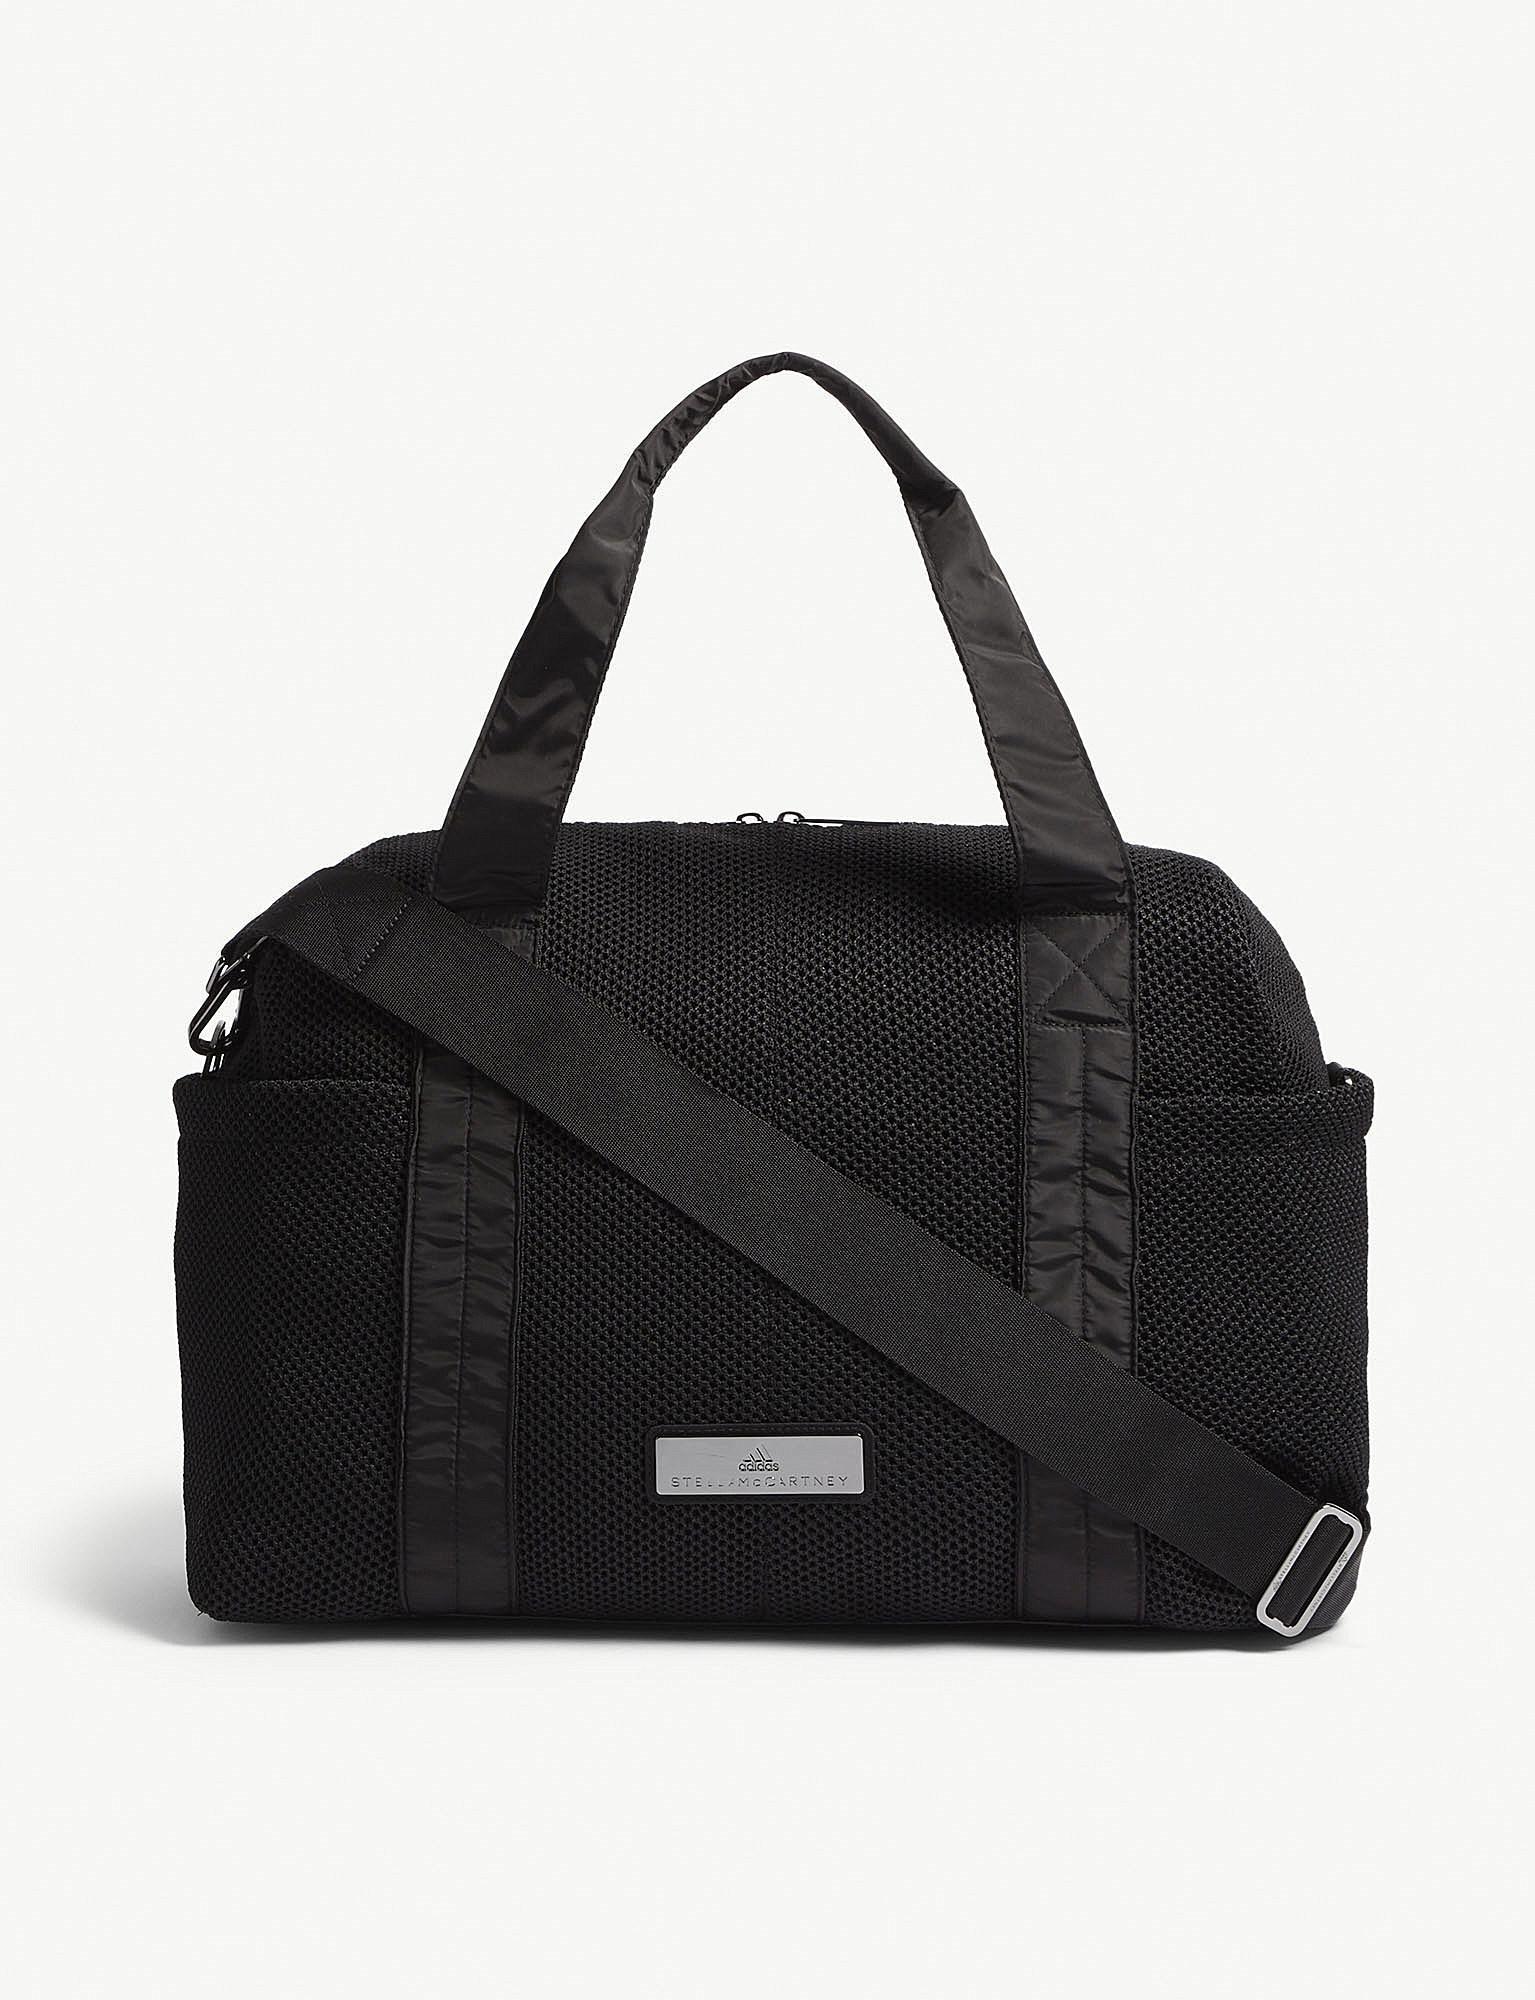 b712b5fc3948 Lyst - adidas By Stella McCartney Shipshape Mesh Gym Bag in Black